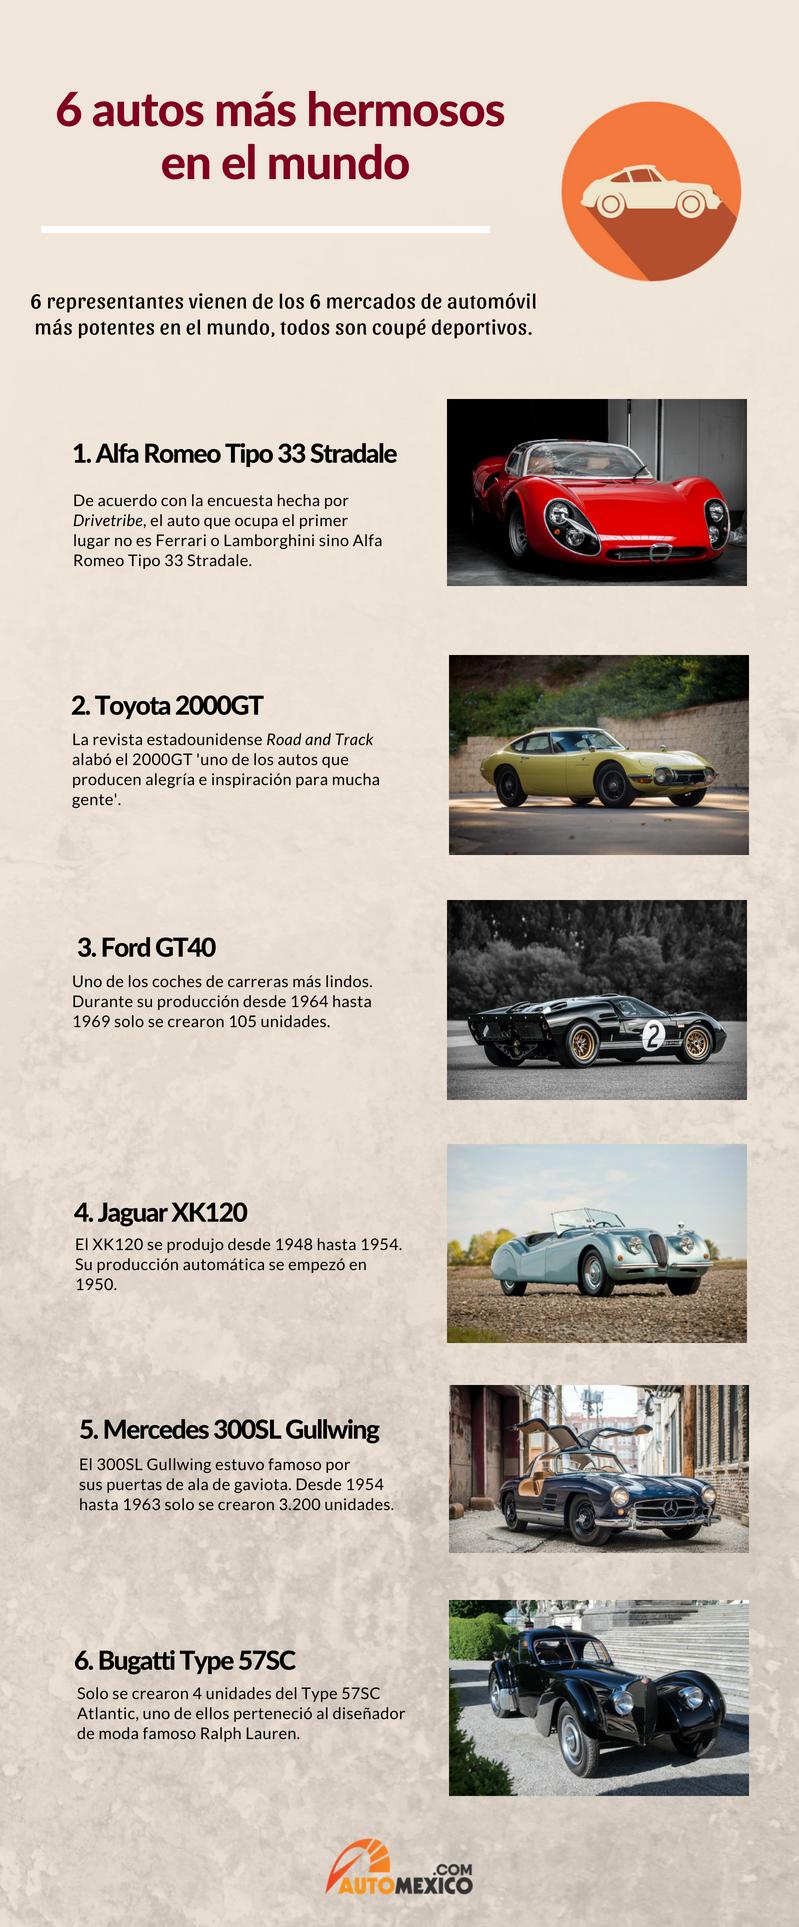 6 autos más hermosos en el mundo